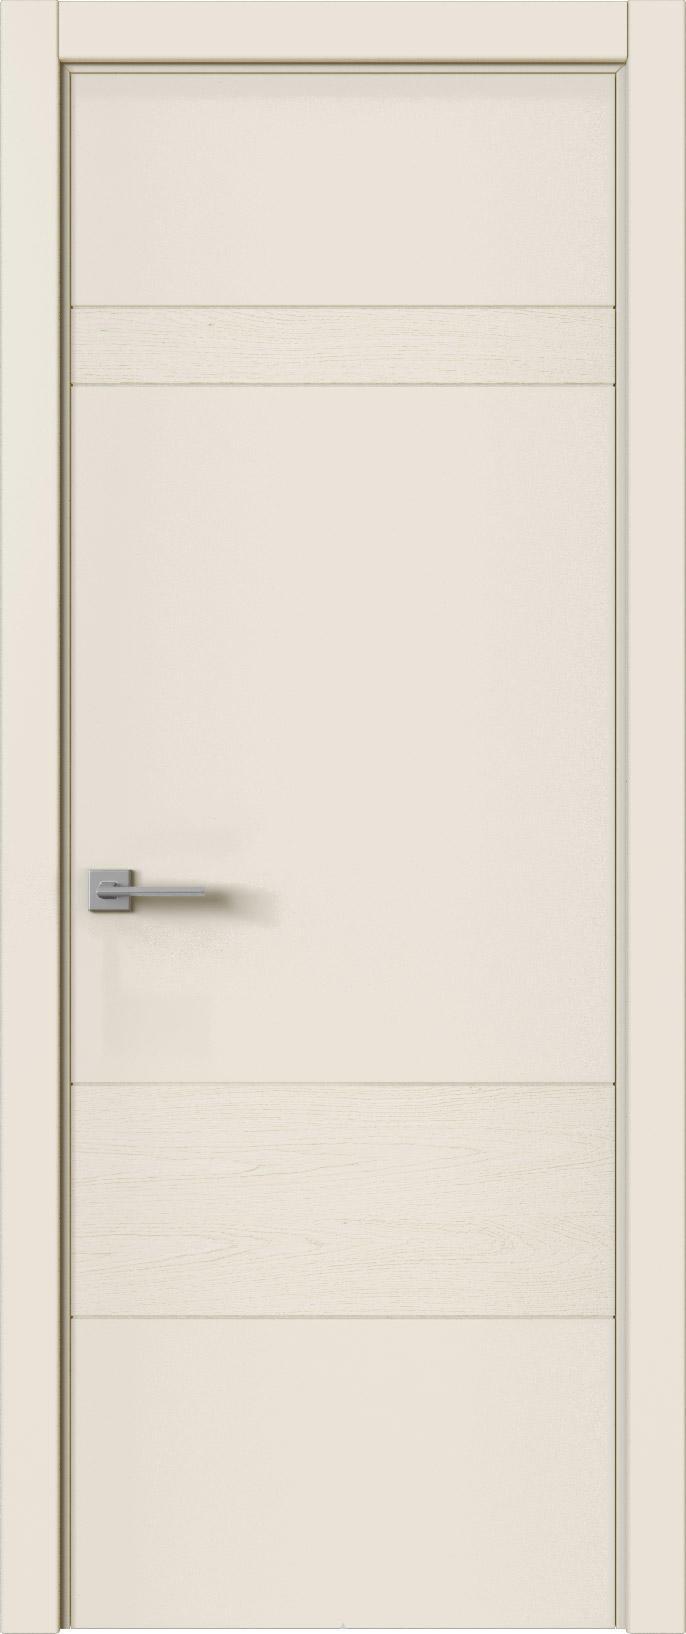 Tivoli К-2 цвет - Жемчужная эмаль-эмаль по шпону (RAL 1013) Без стекла (ДГ)